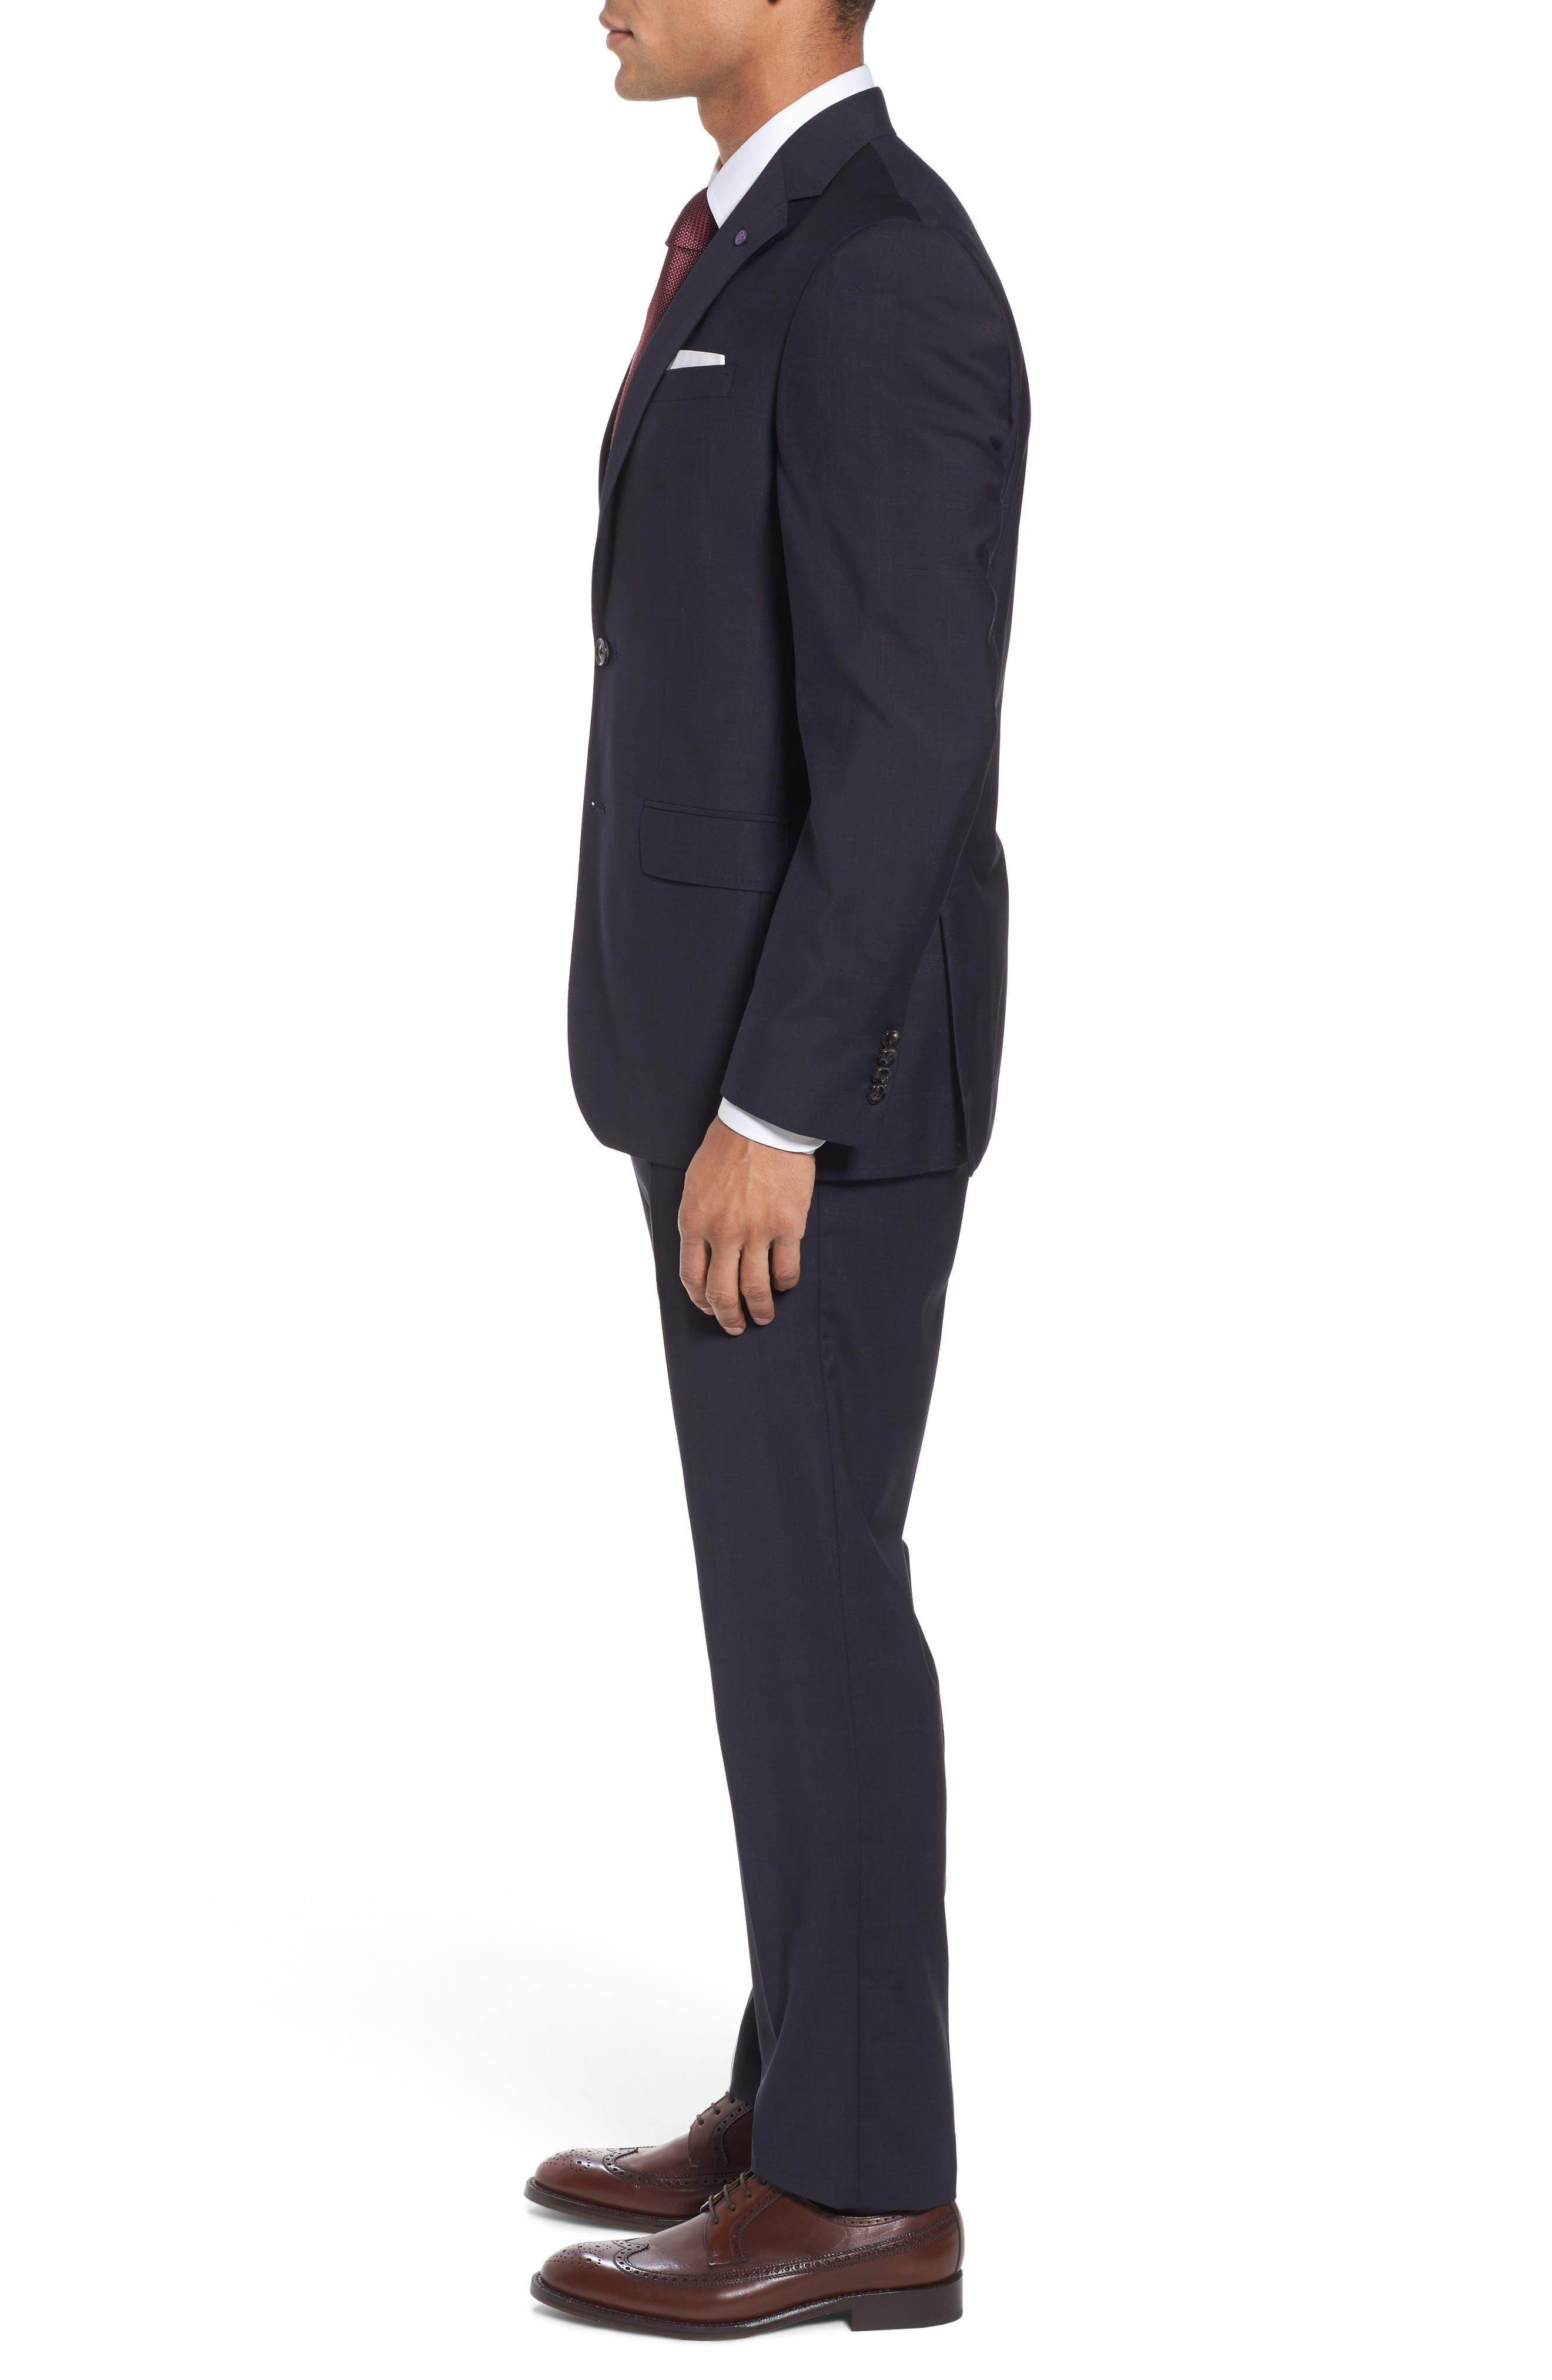 Jay Trim Fit Plaid Wool Suit,                             Alternate thumbnail 3, color,                             Black